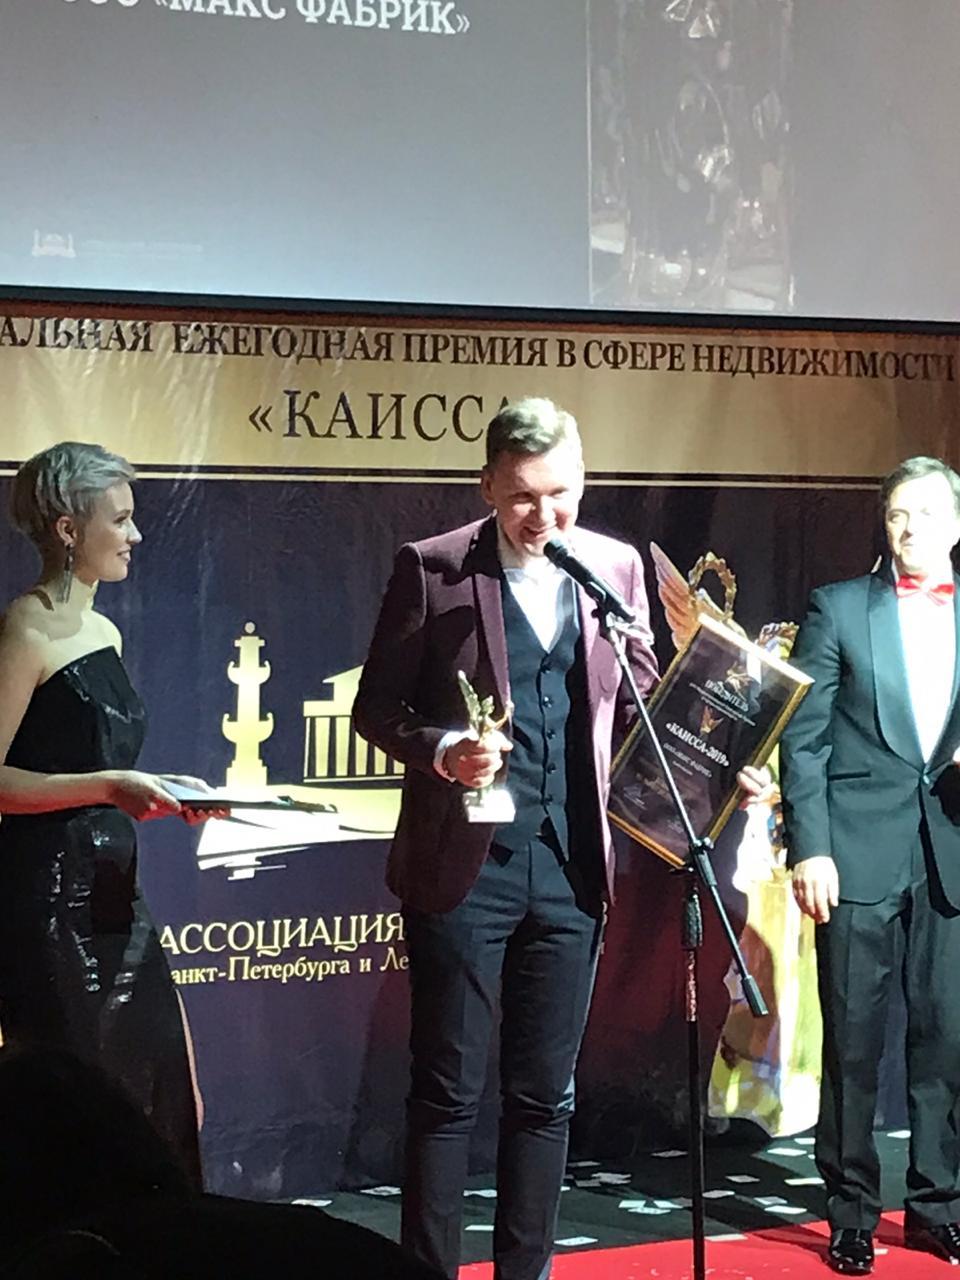 KAISSA award 2019